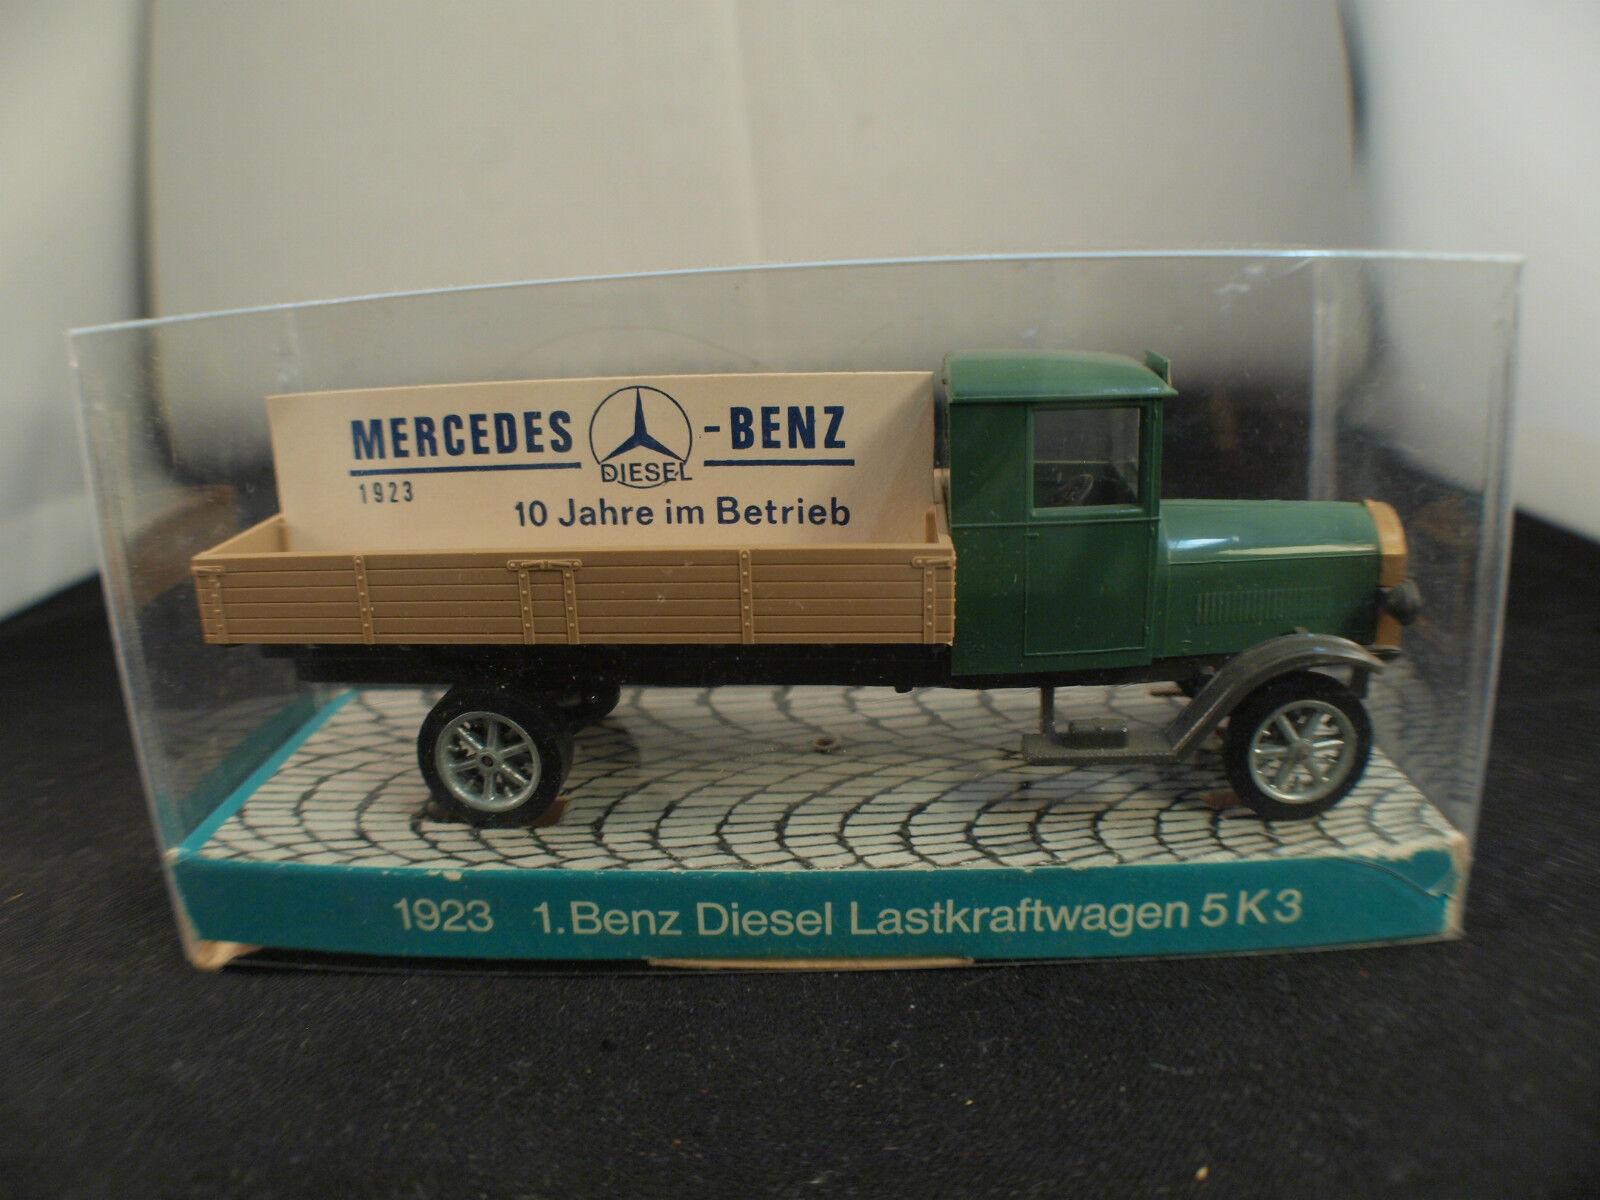 Markör modellllerlerl 474 Camion plateau Mercedes Benz Diesel Lastkraft Wagen 5K3 neuf